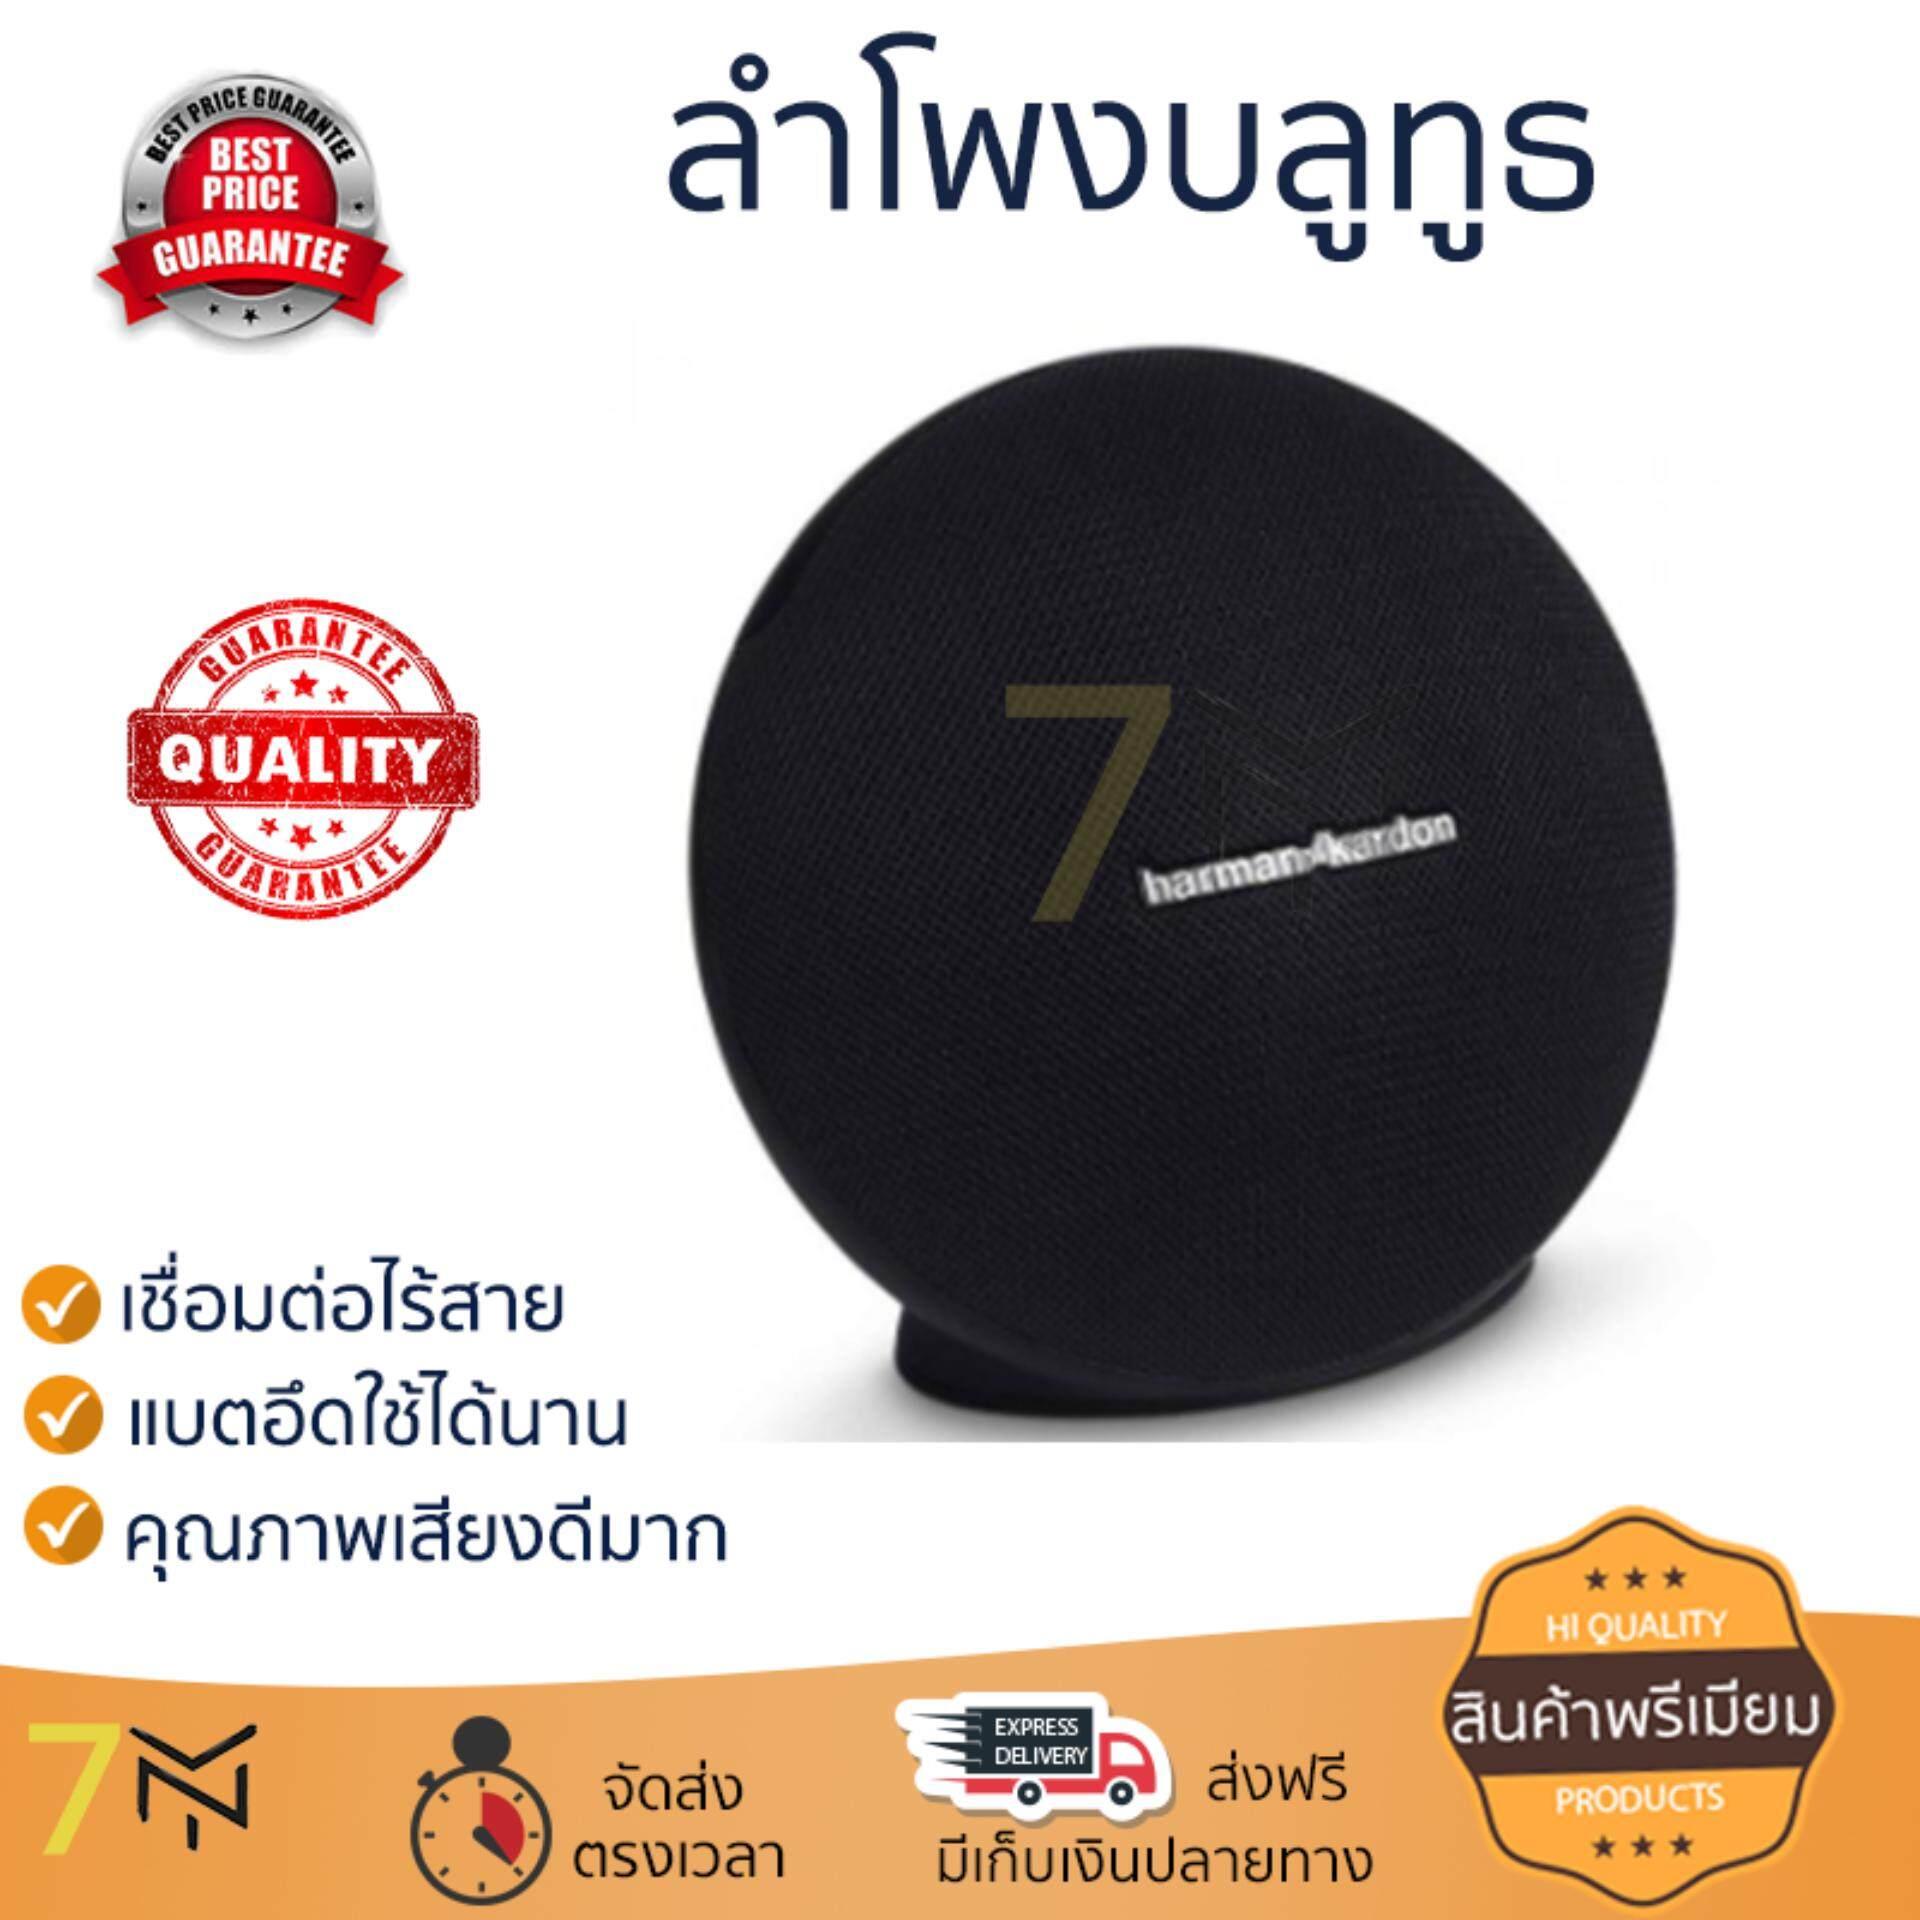 การใช้งาน  เชียงใหม่ จัดส่งฟรี ลำโพงบลูทูธ  Harman Kardon Bluetooth Speaker 2.1 Onyx Mini Black เสียงใส คุณภาพเกินตัว Wireless Bluetooth Speaker รับประกัน 1 ปี